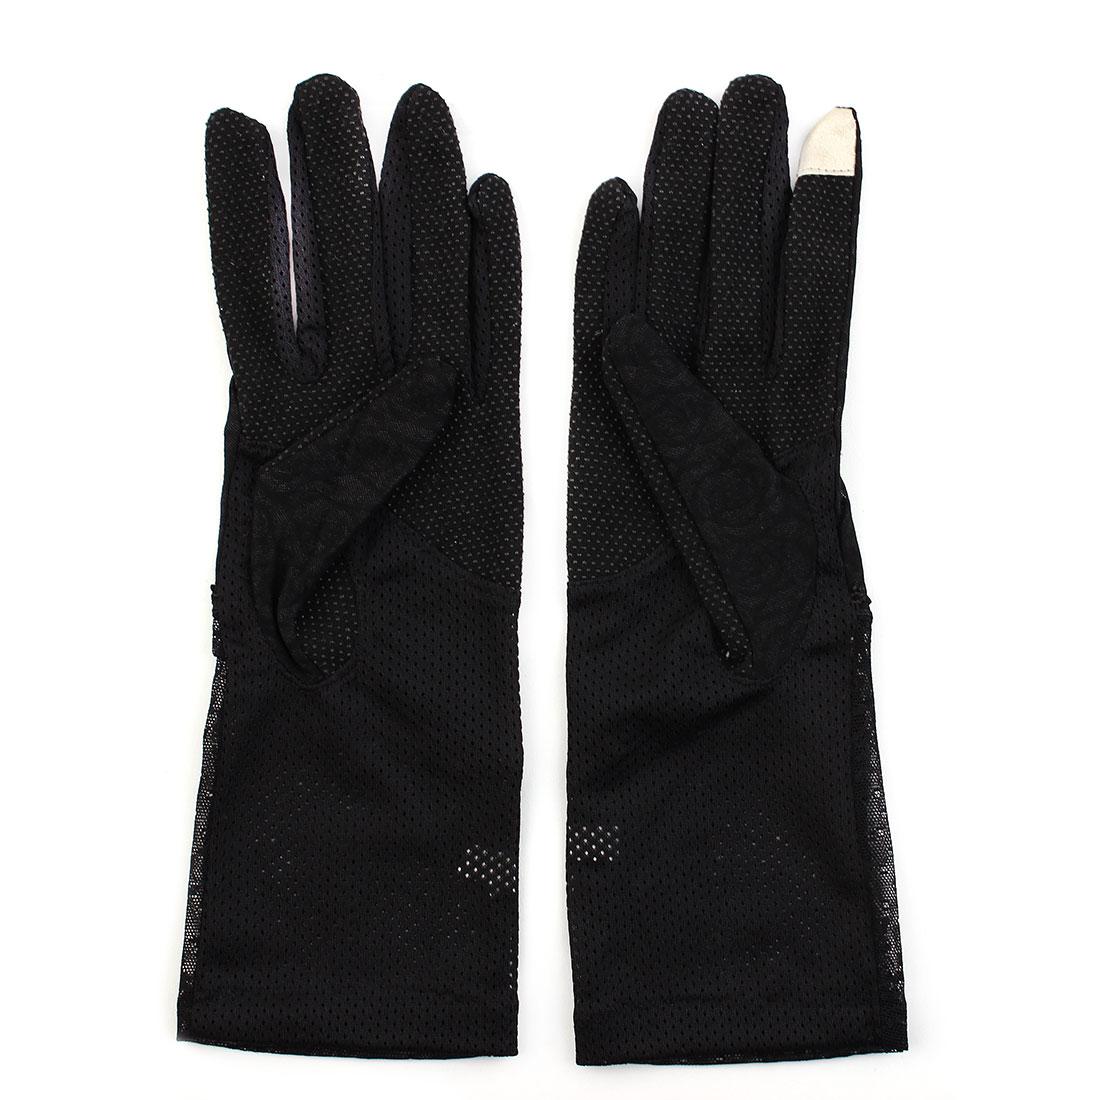 Outdoor Travel Driving Flower Lace Decor Full Finger Non-slip Sun Resistant Gloves Black Pair for Women